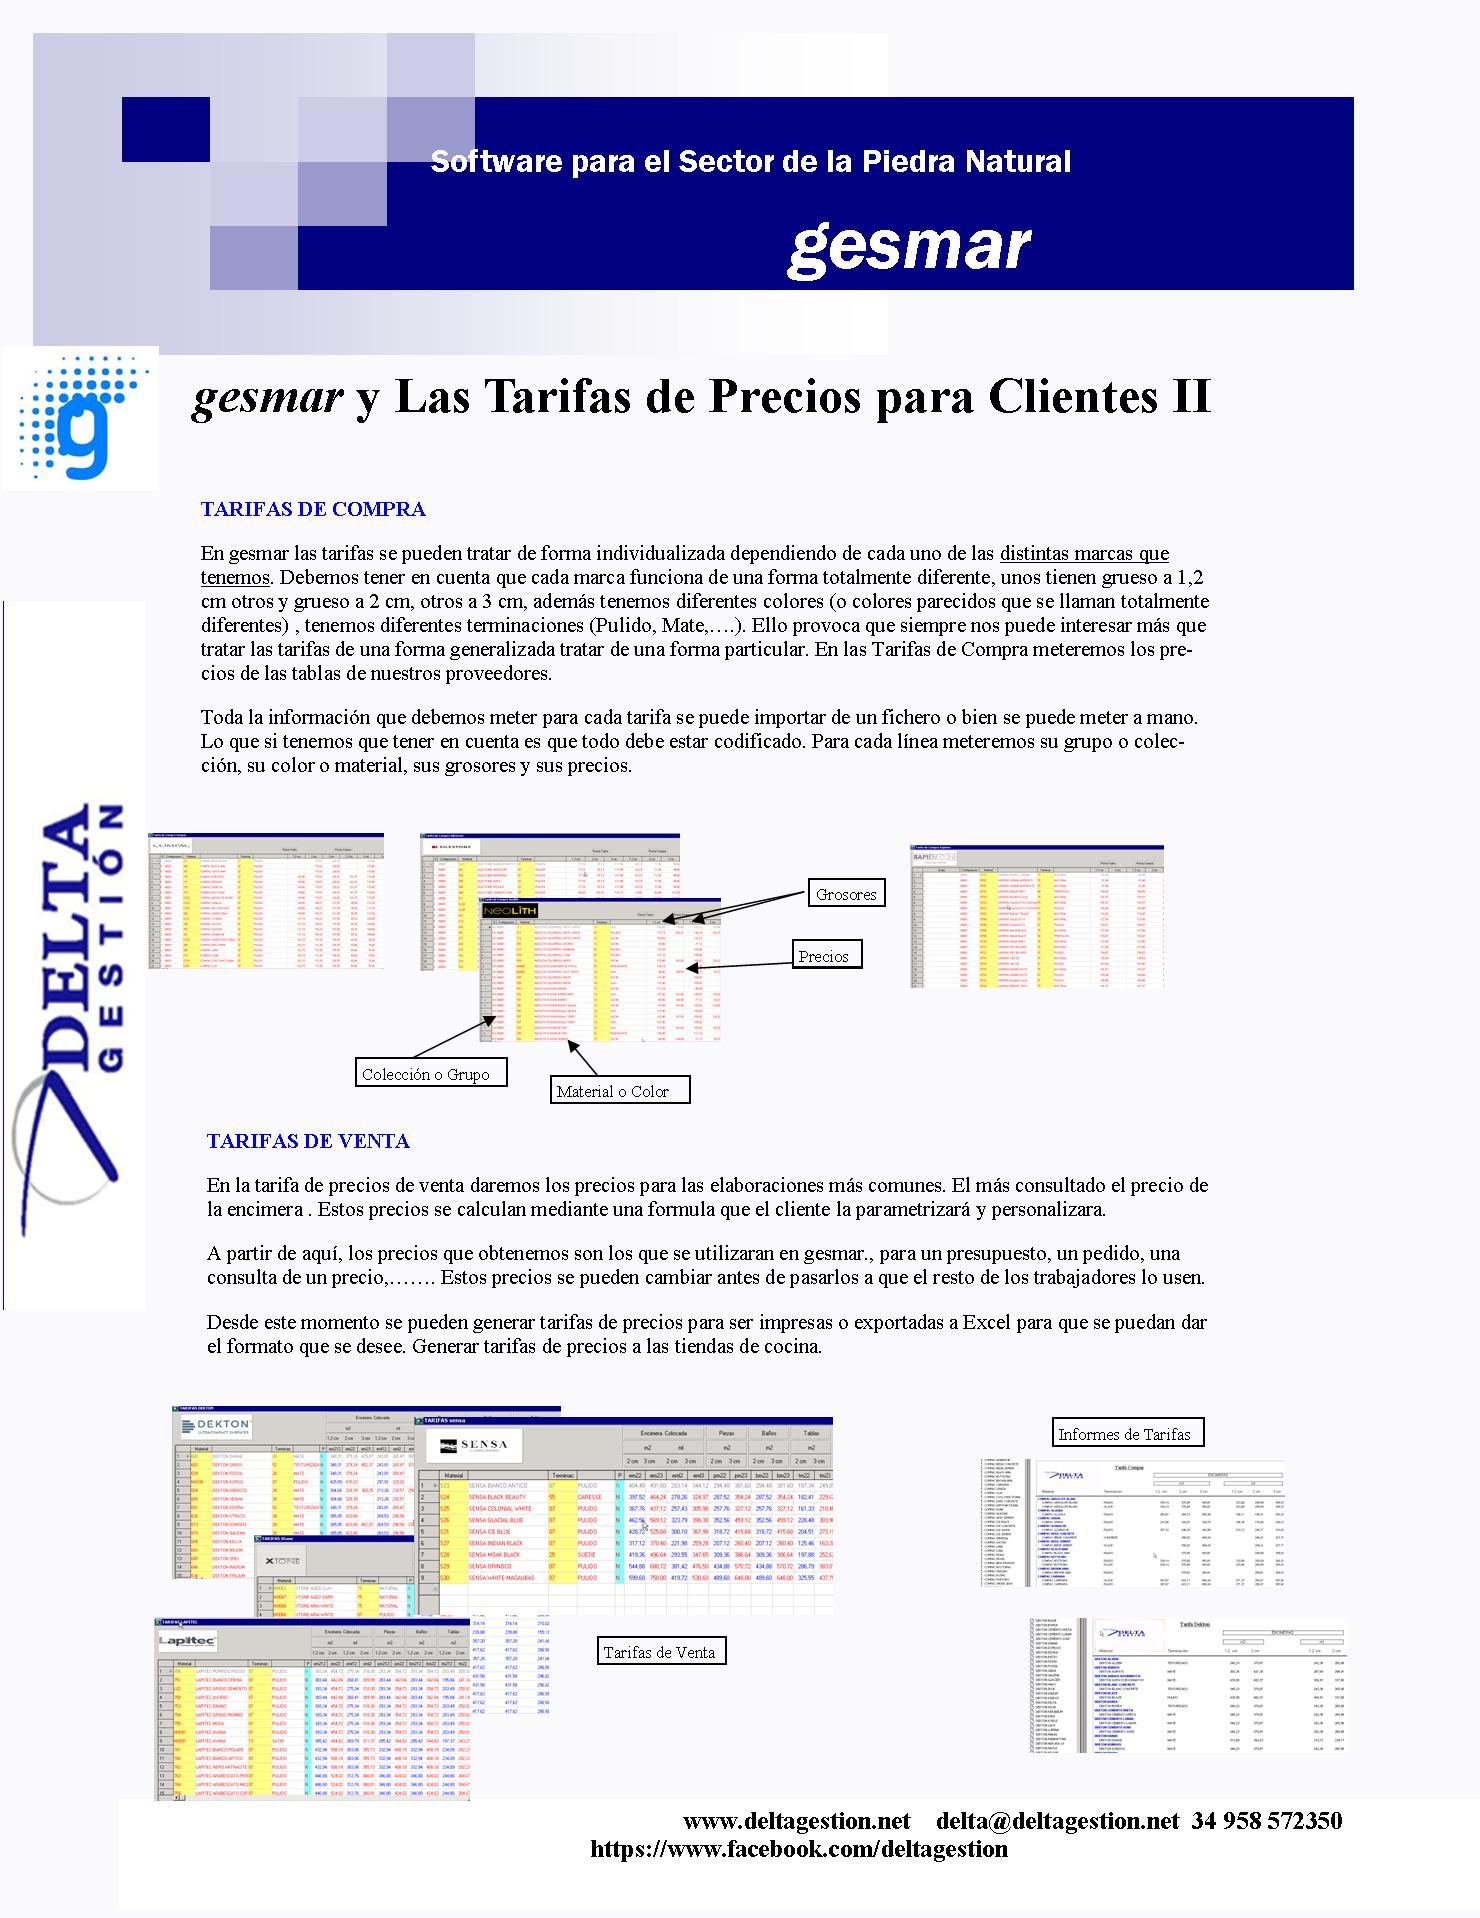 20190309_1026_gesmar y Las Tarifas de Precios para ClientesII-2